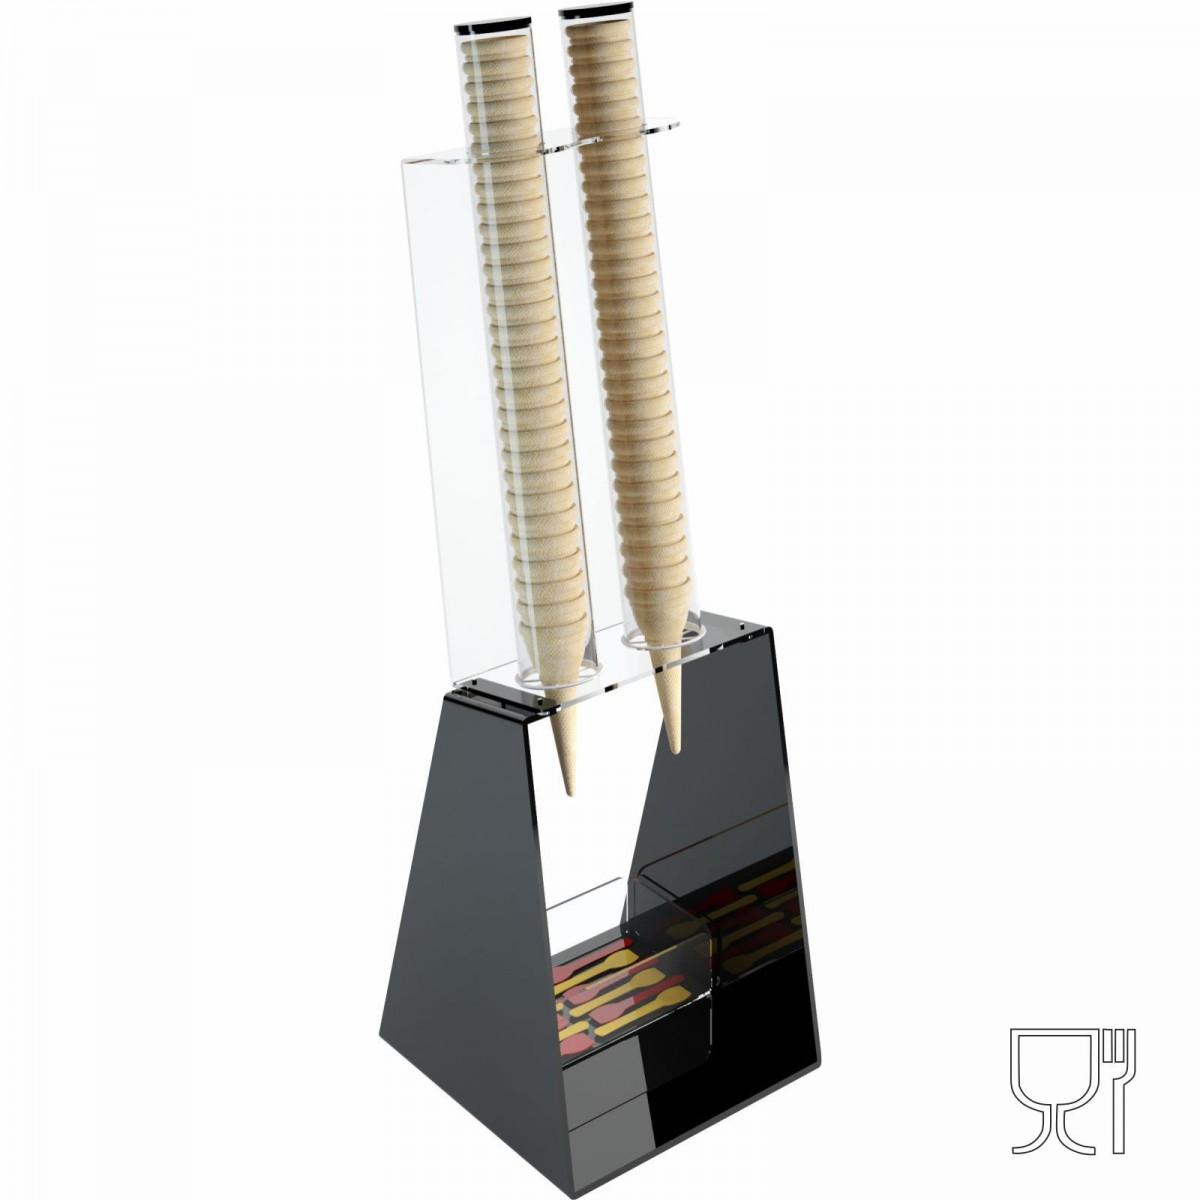 Porta coni gelato da banco in plexiglass nero con porta cucchiaini - CM(LxPxH): 25x26x81